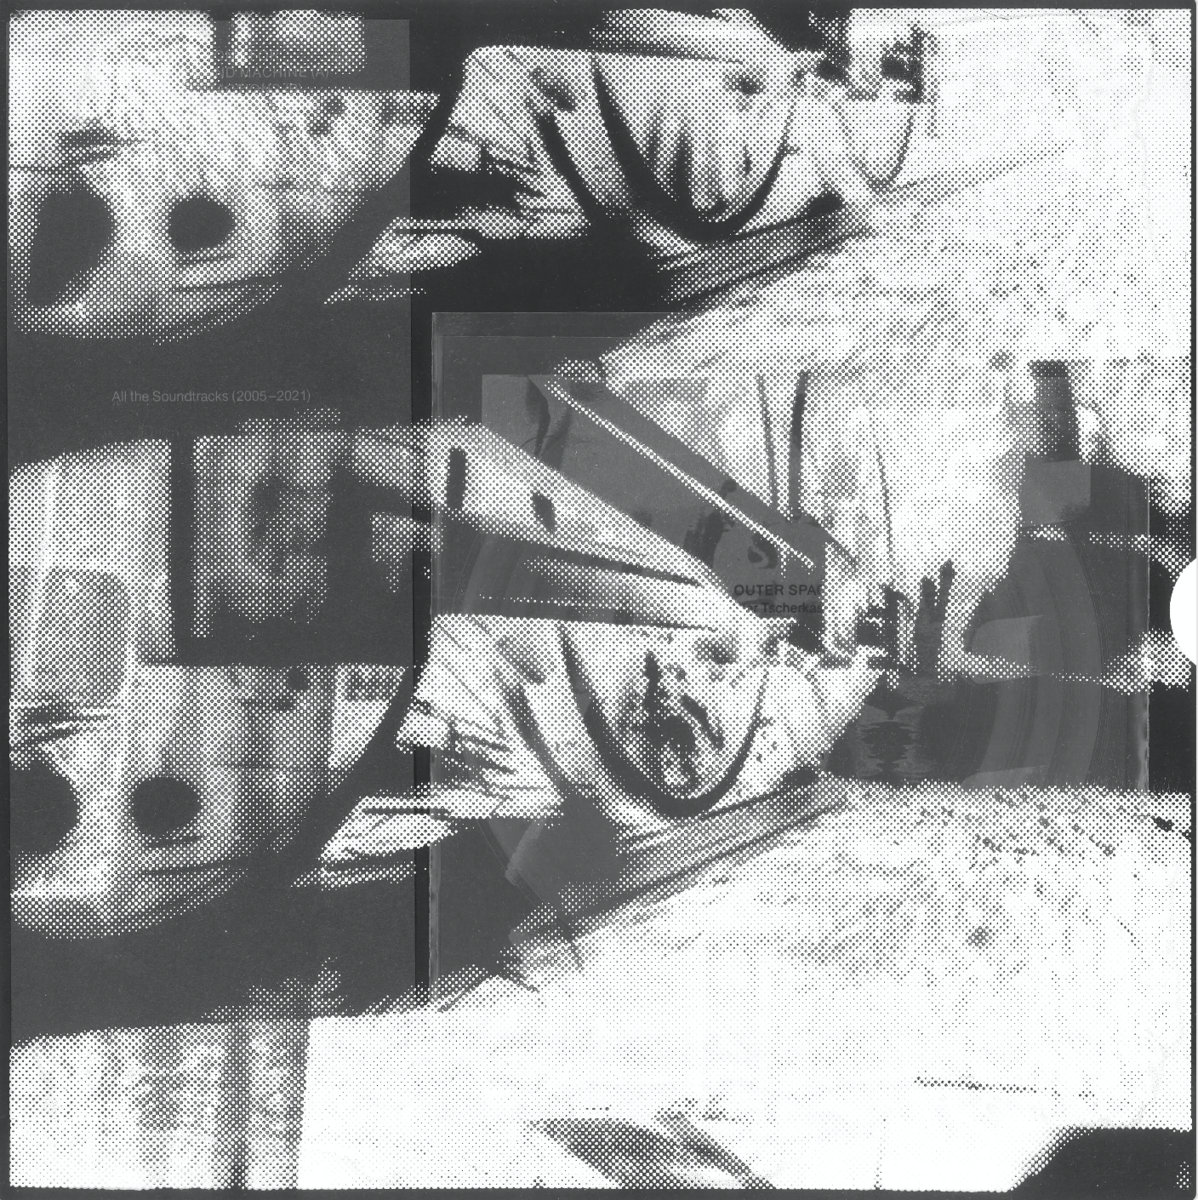 Peter Tscherkassky, All the Soundtracks (2005 – 2021)